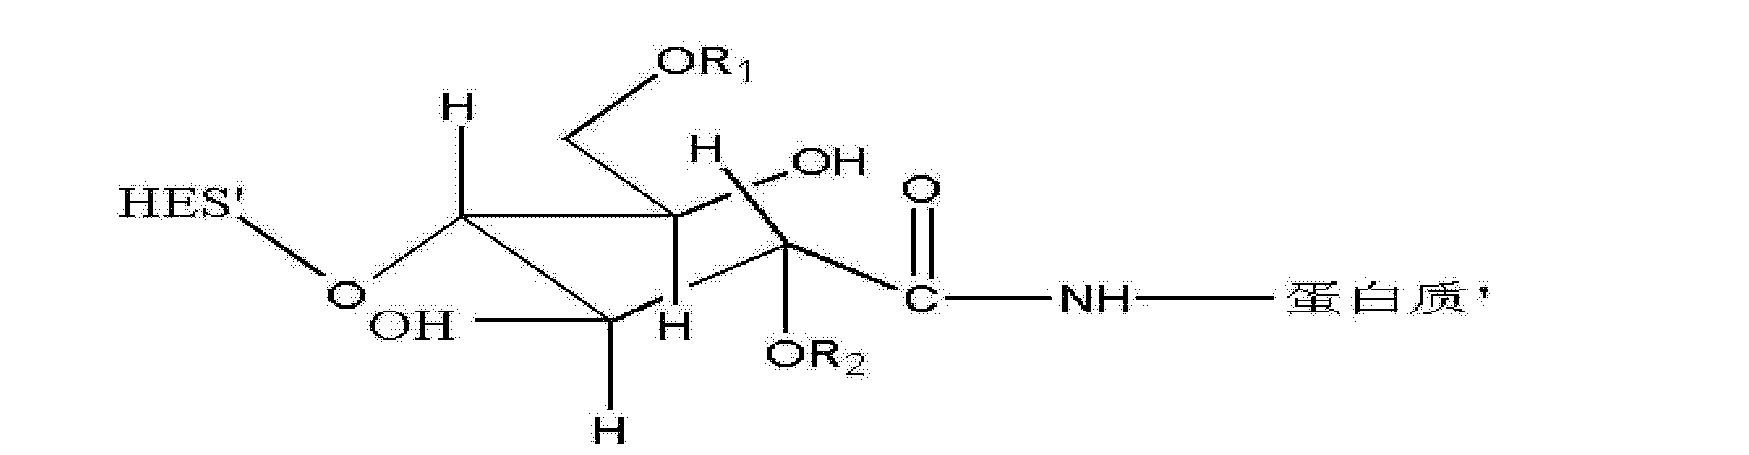 Figure CN104072608AC00021